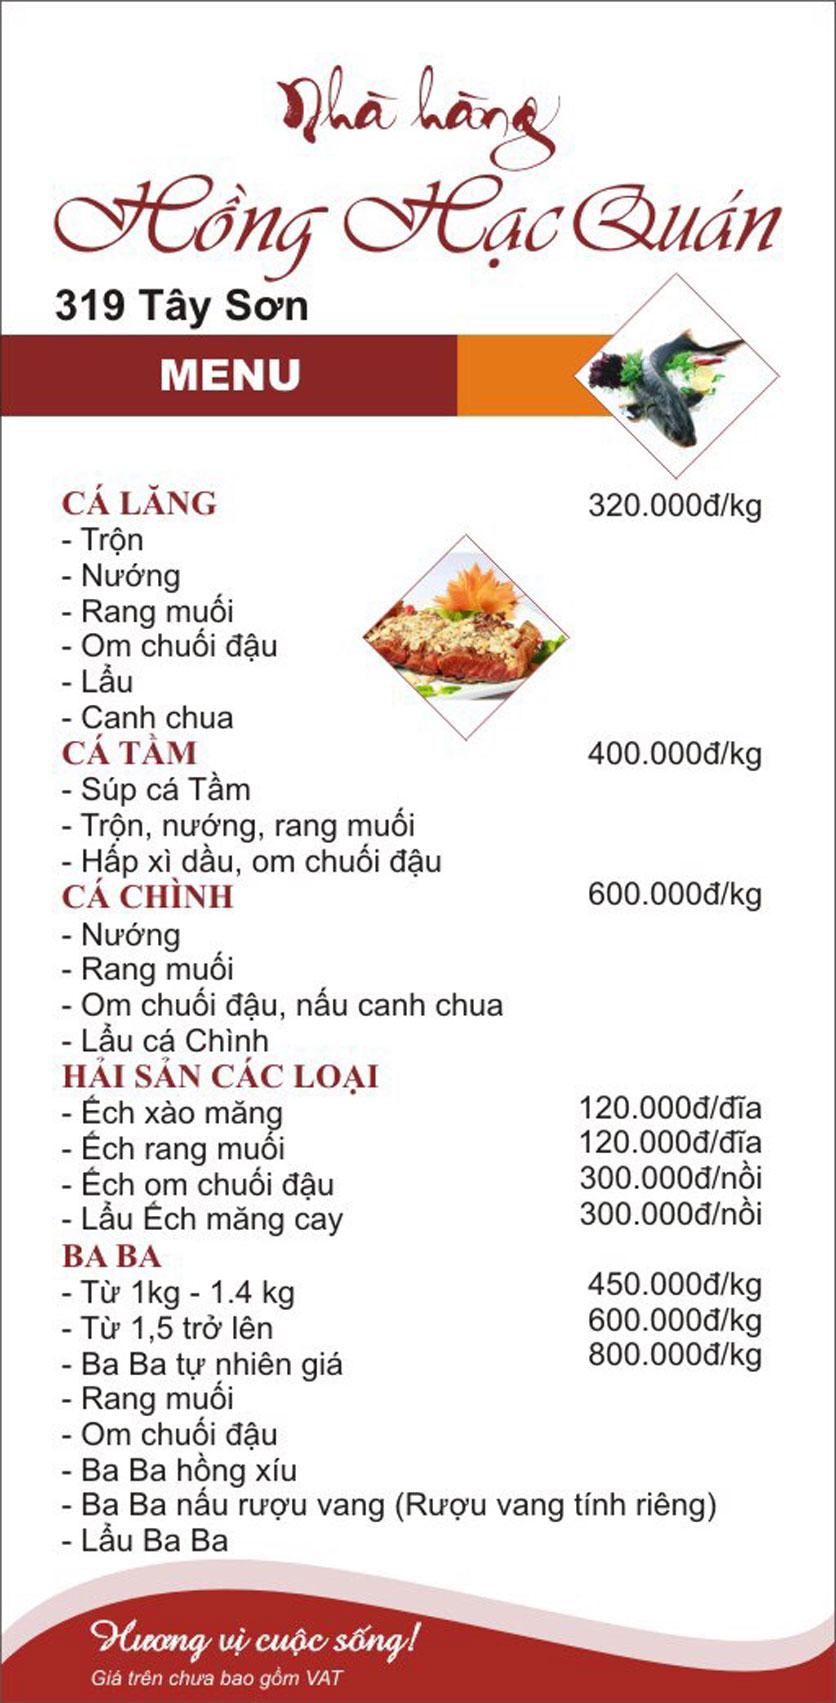 Menu Hồng Hạc - Tây Sơn 2